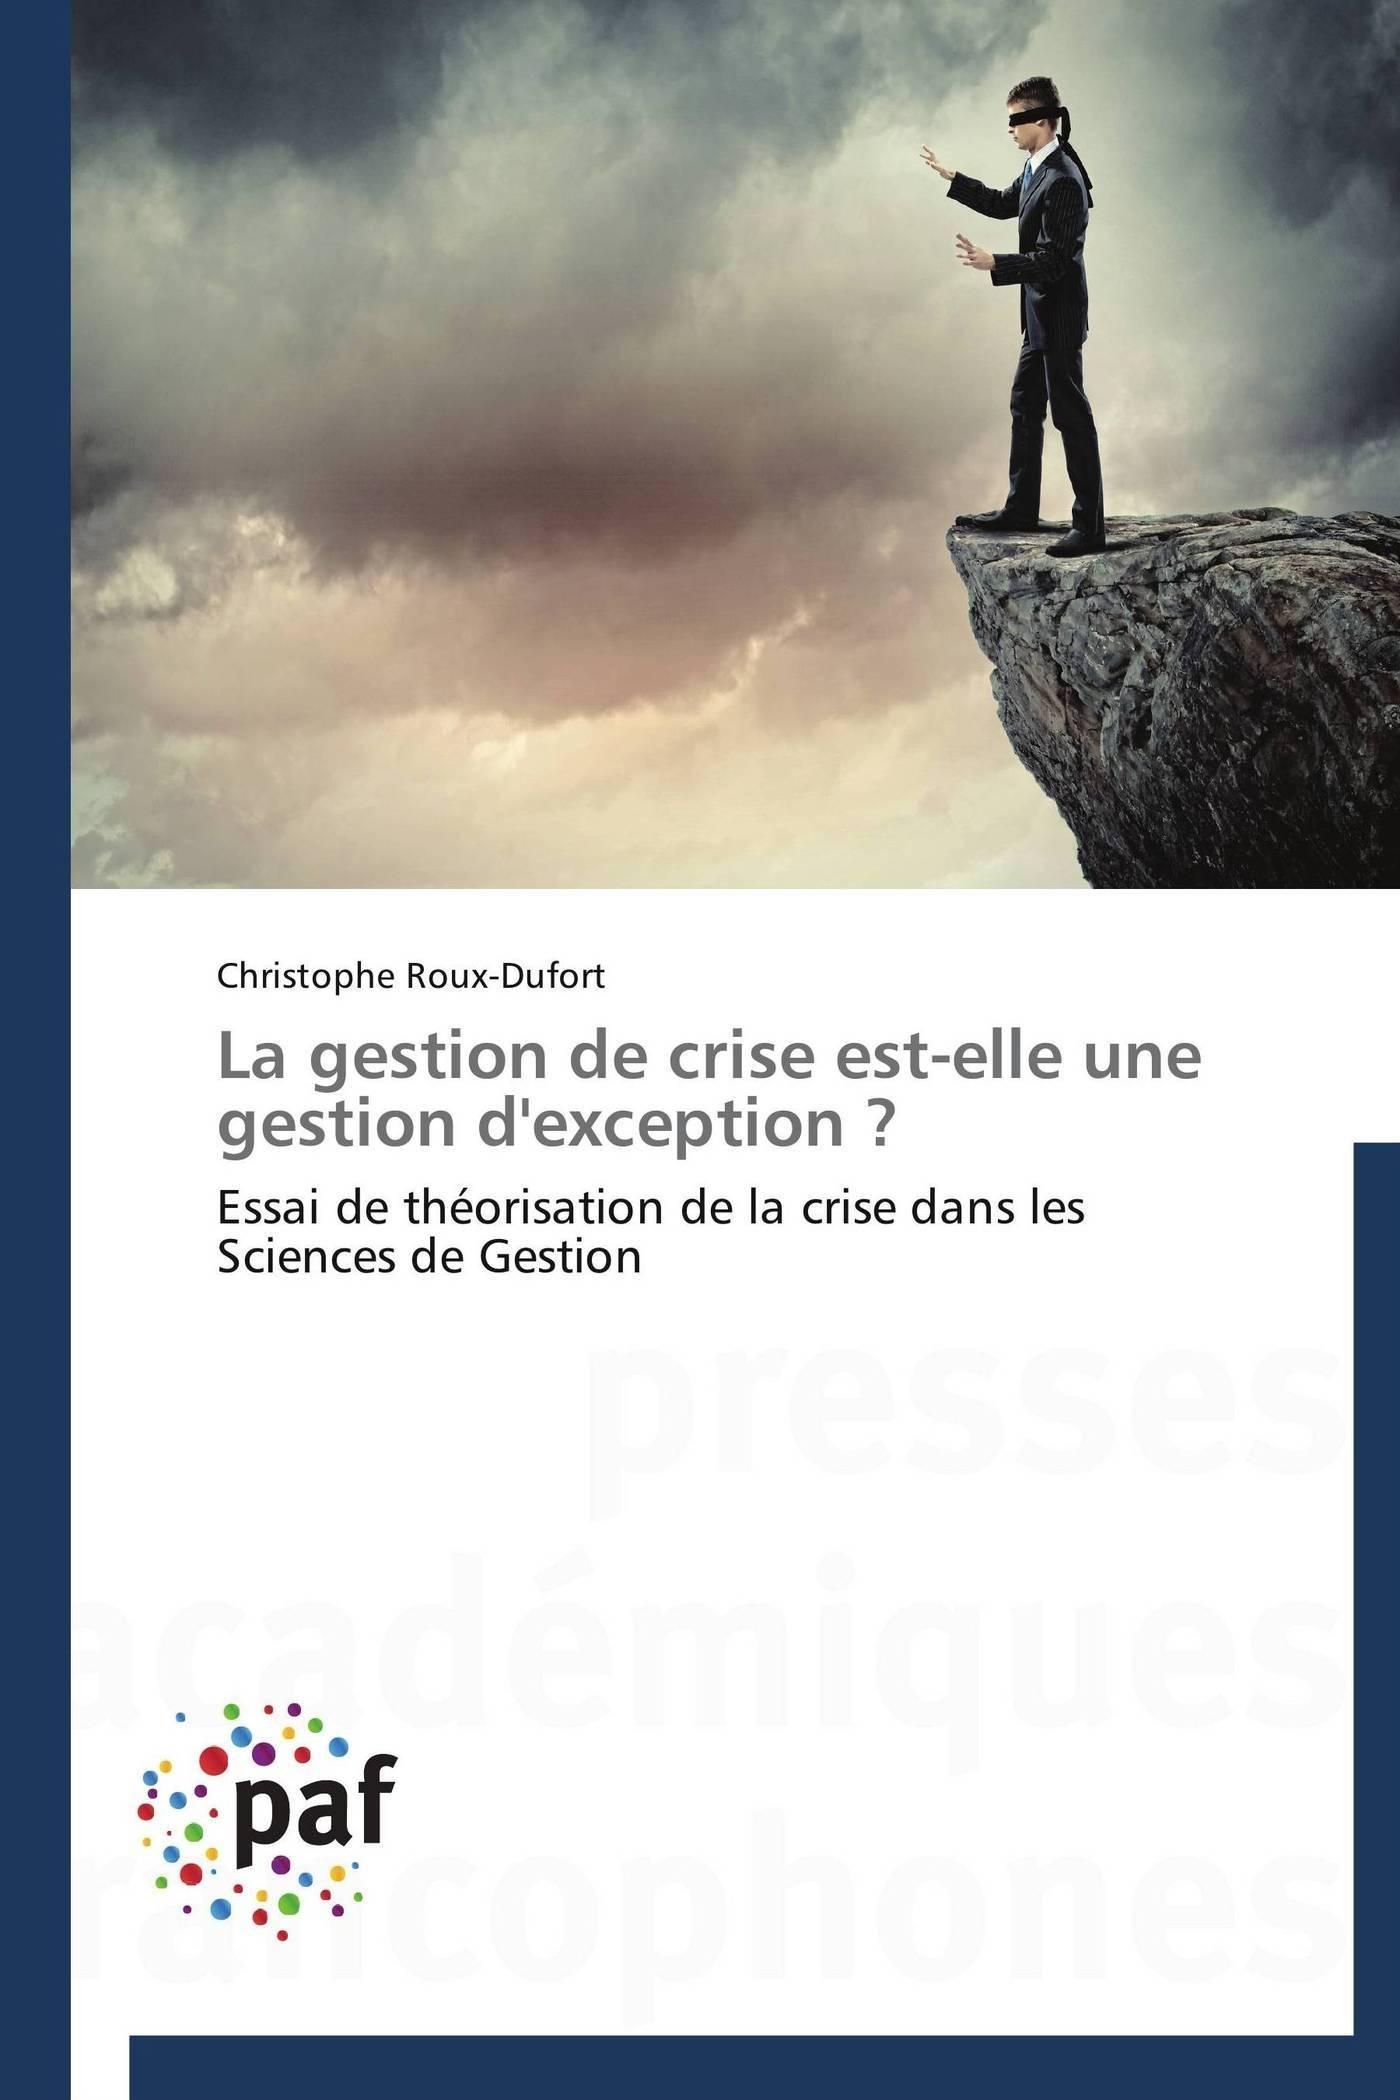 LA GESTION DE CRISE EST-ELLE UNE GESTION D'EXCEPTION ?